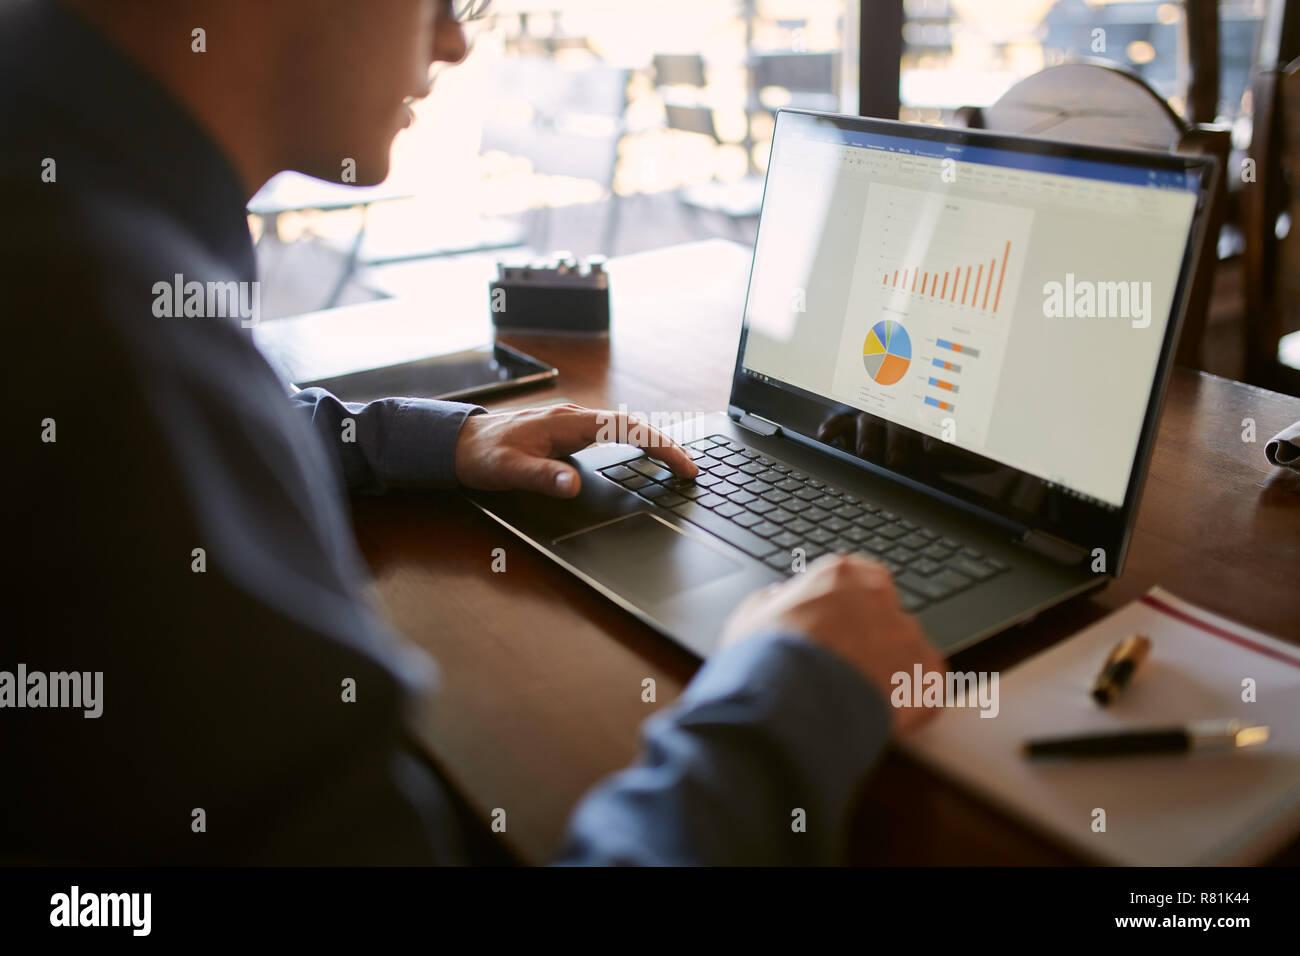 Close-up vue arrière de caucasian businessman hands typing on laptop clavier et pavé tactile à l'aide. Carnet et un stylo sur le premier plan de l'espace de travail. Des tableaux et des diagrammes à l'écran. Pas de visage isolé vue. Photo Stock